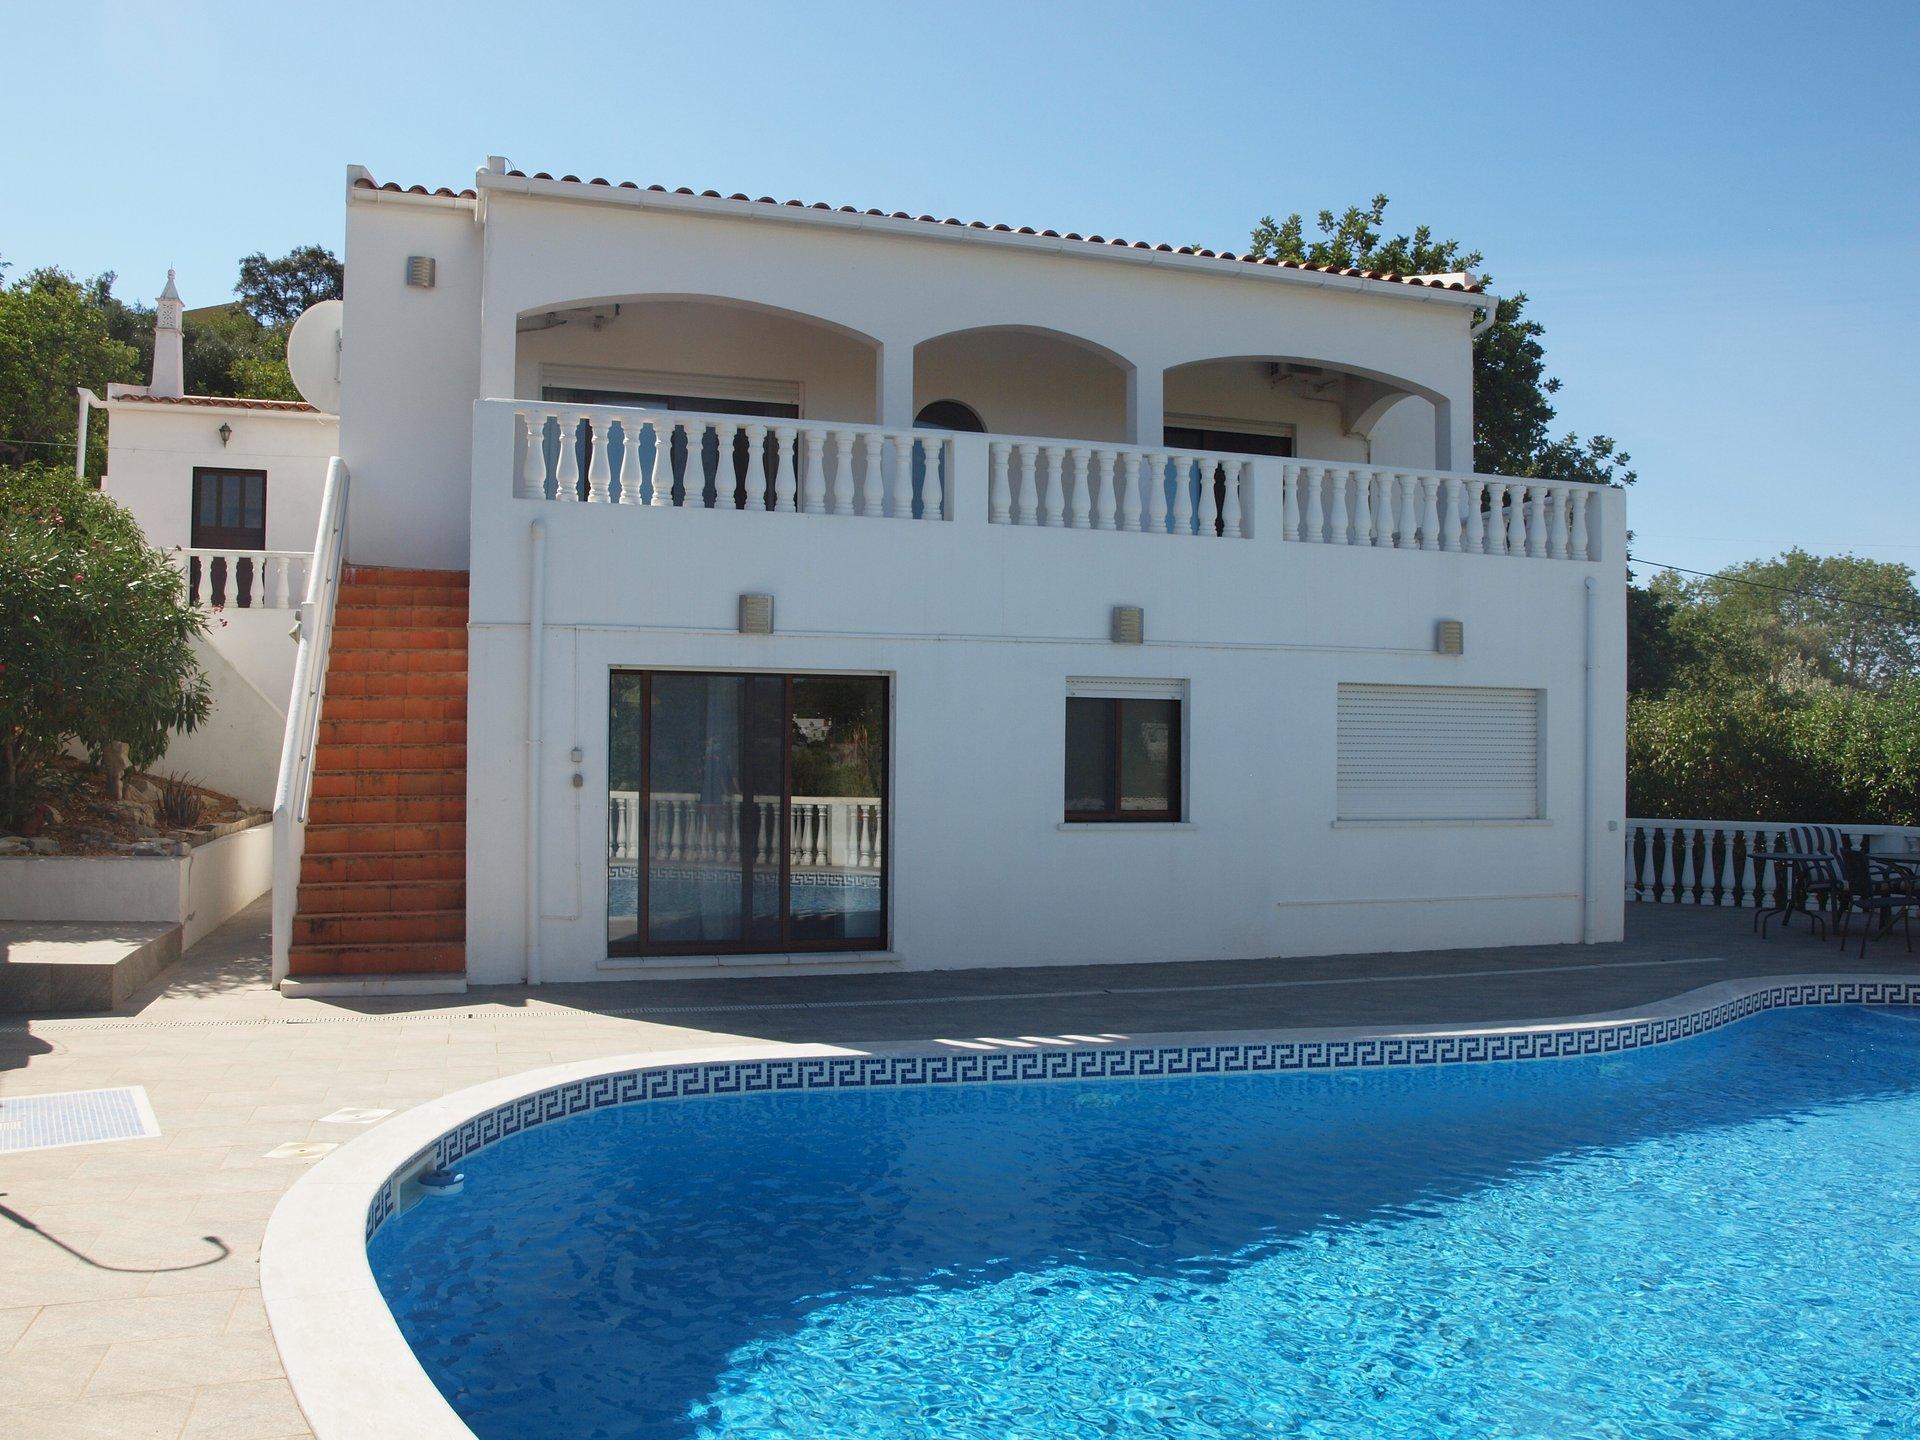 4 Bedroom Villa Sao Bras de Alportel, Central Algarve Ref: RV5458